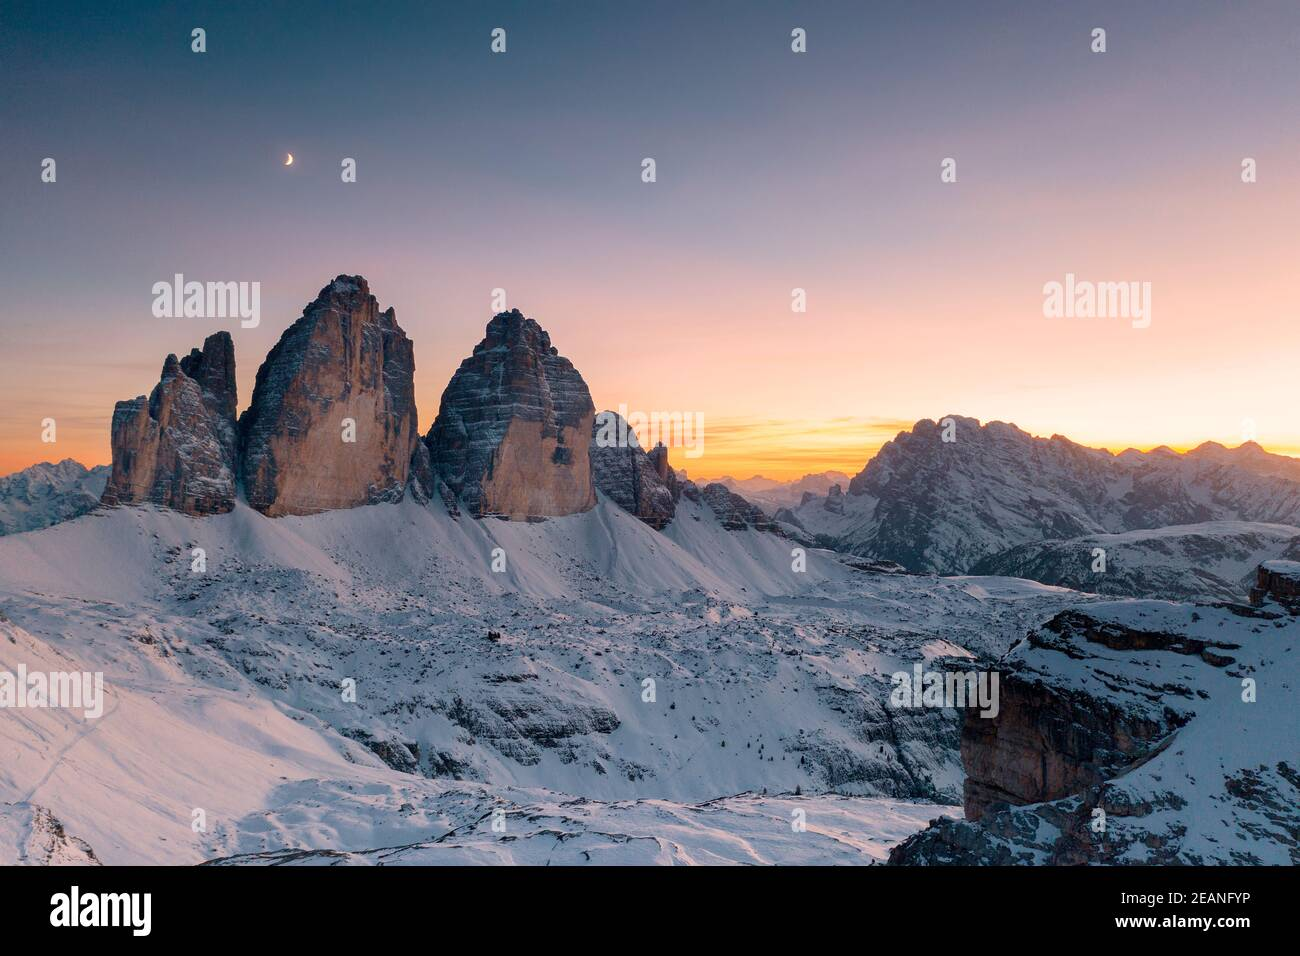 Tramonto sulle tre Cime di Lavaredo e Monte Cristallo innevato in autunno, Dolomiti, confine con l'Alto Adige e il Veneto, Italia, Europa Foto Stock